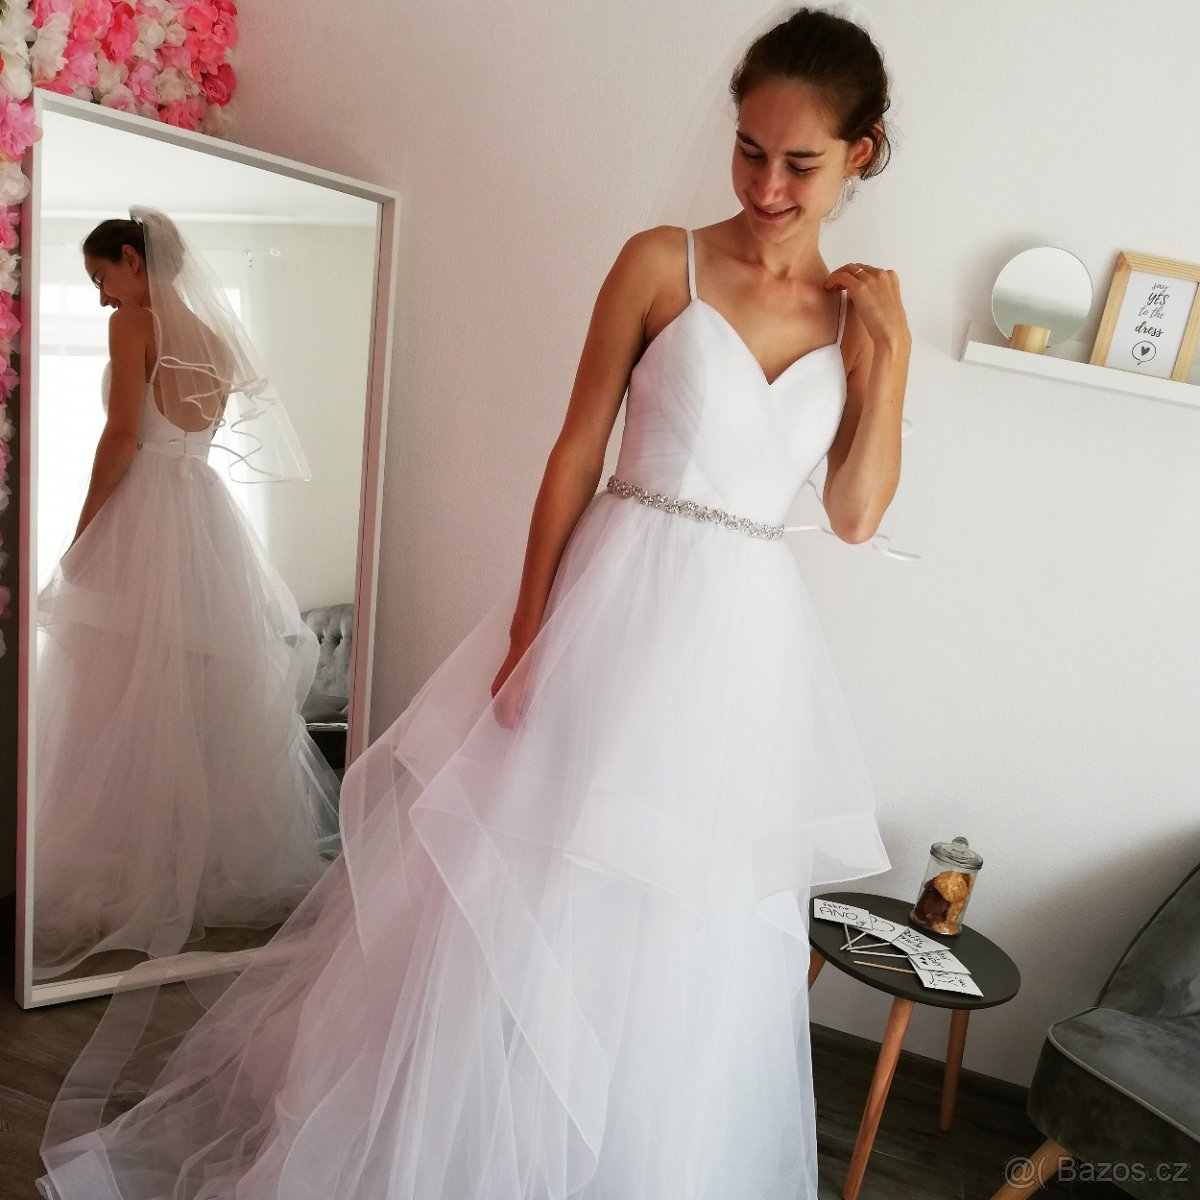 Jedinečné svatební šaty v boho stylu - Obrázek č. 2